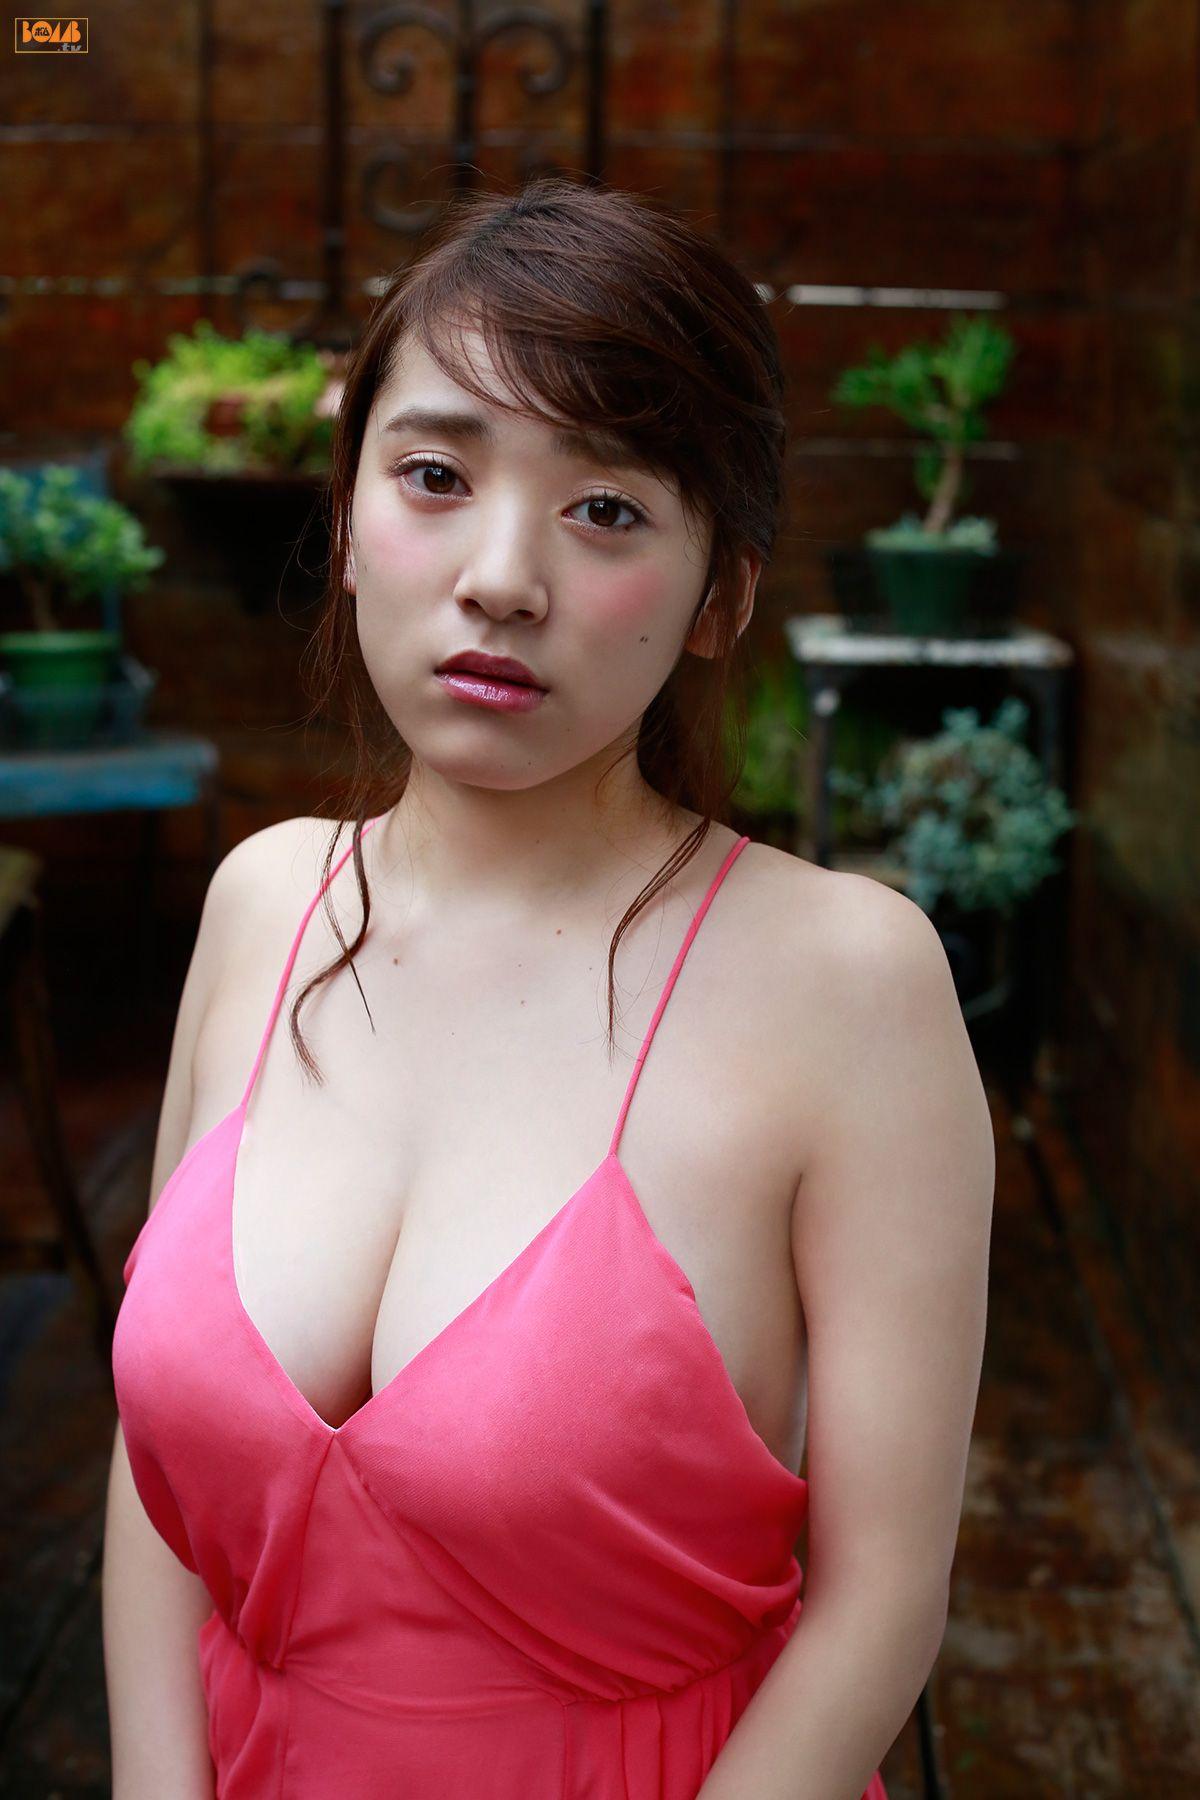 tomaru_sayaka069.jpg